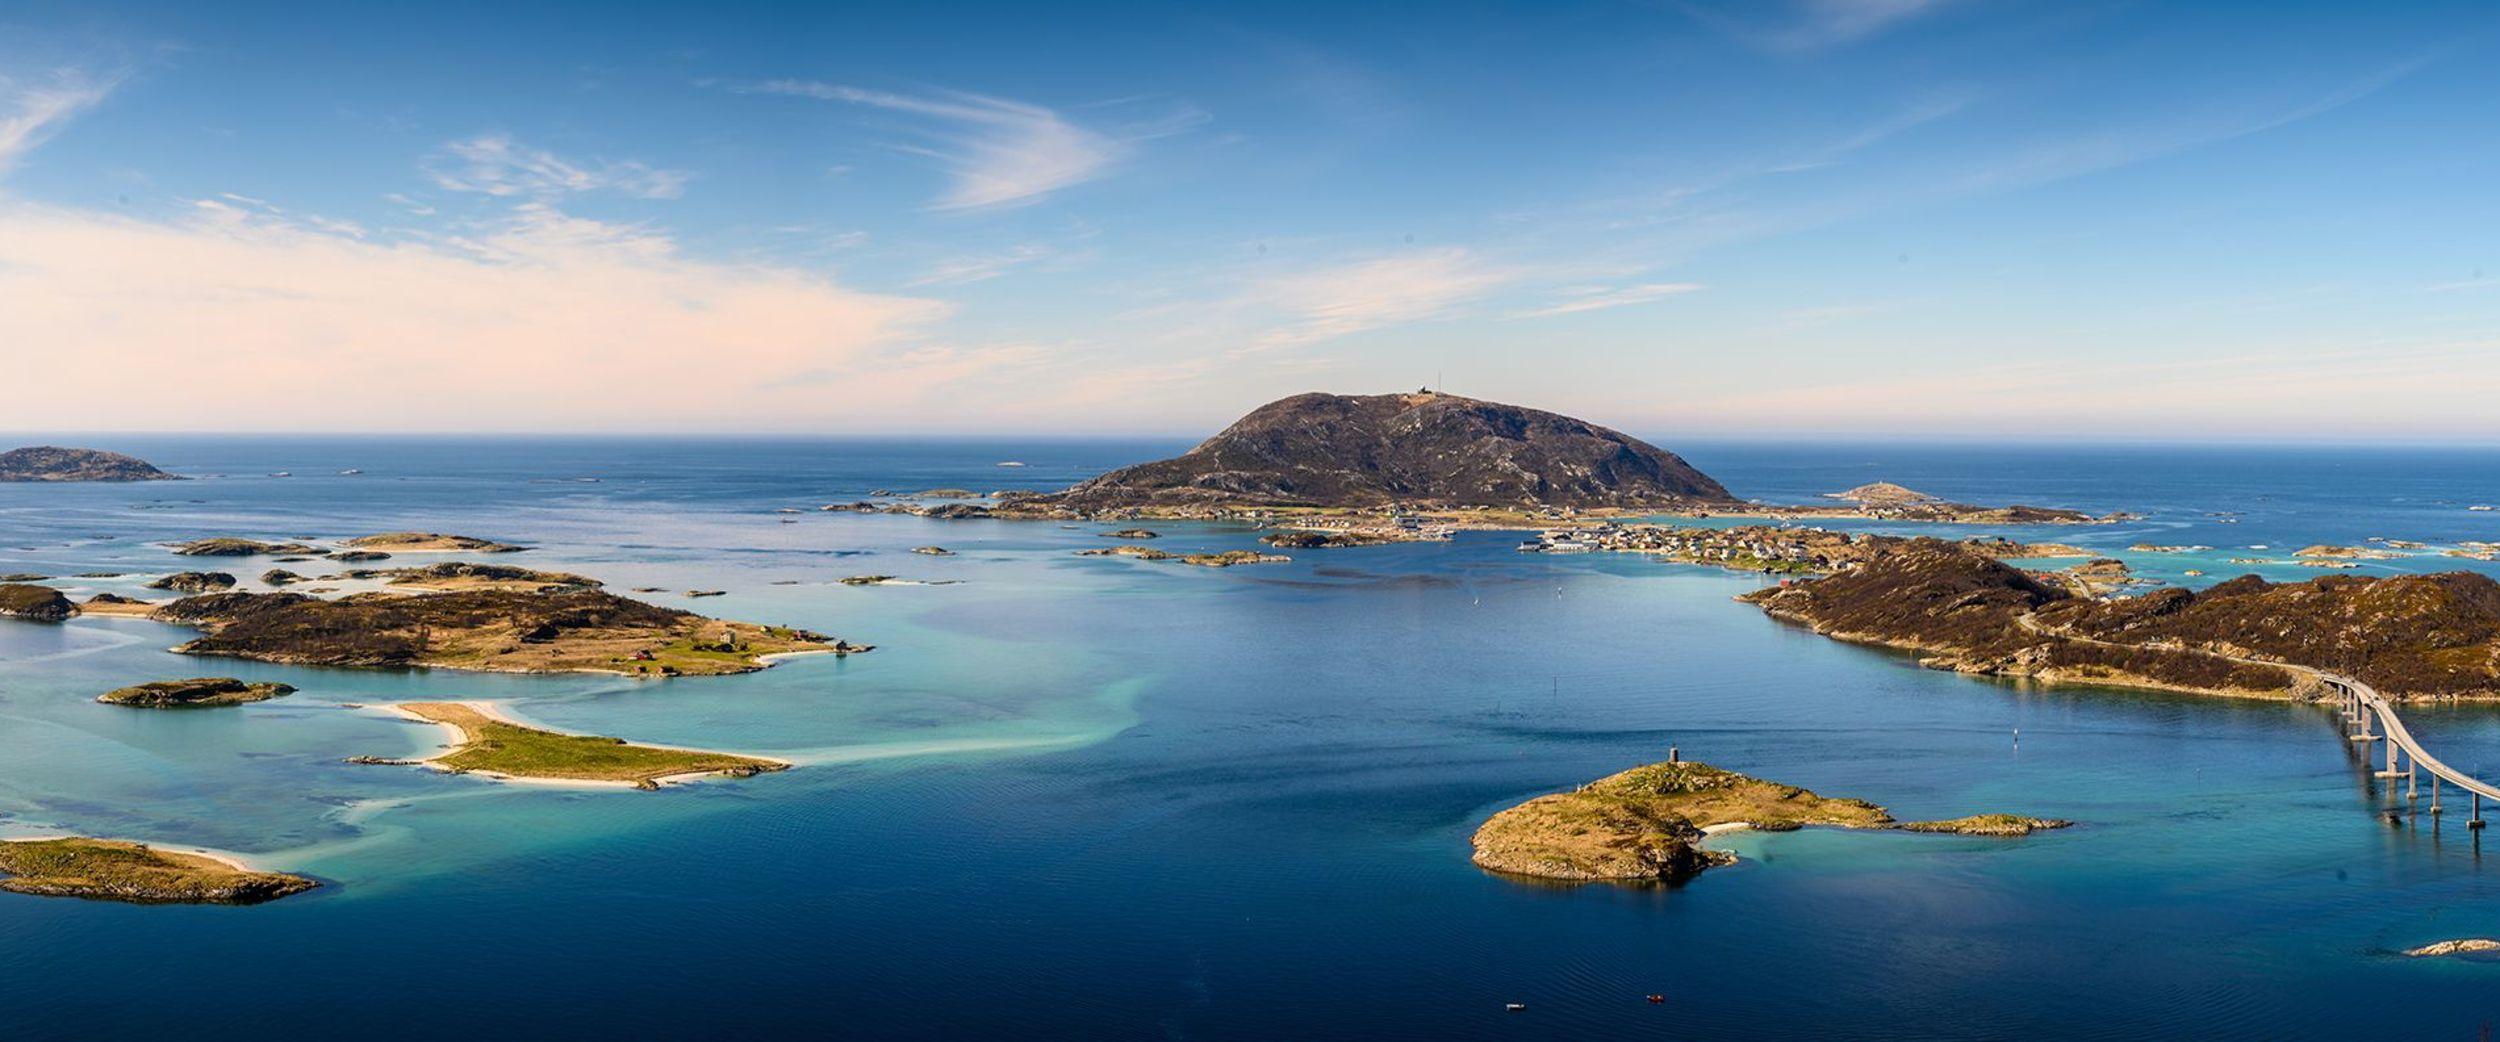 Islands Norway